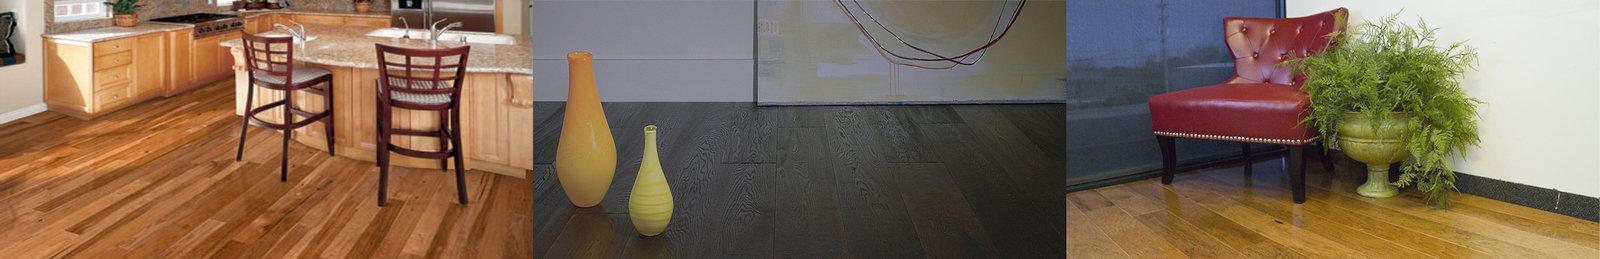 In-stock hardwood flooring specials!